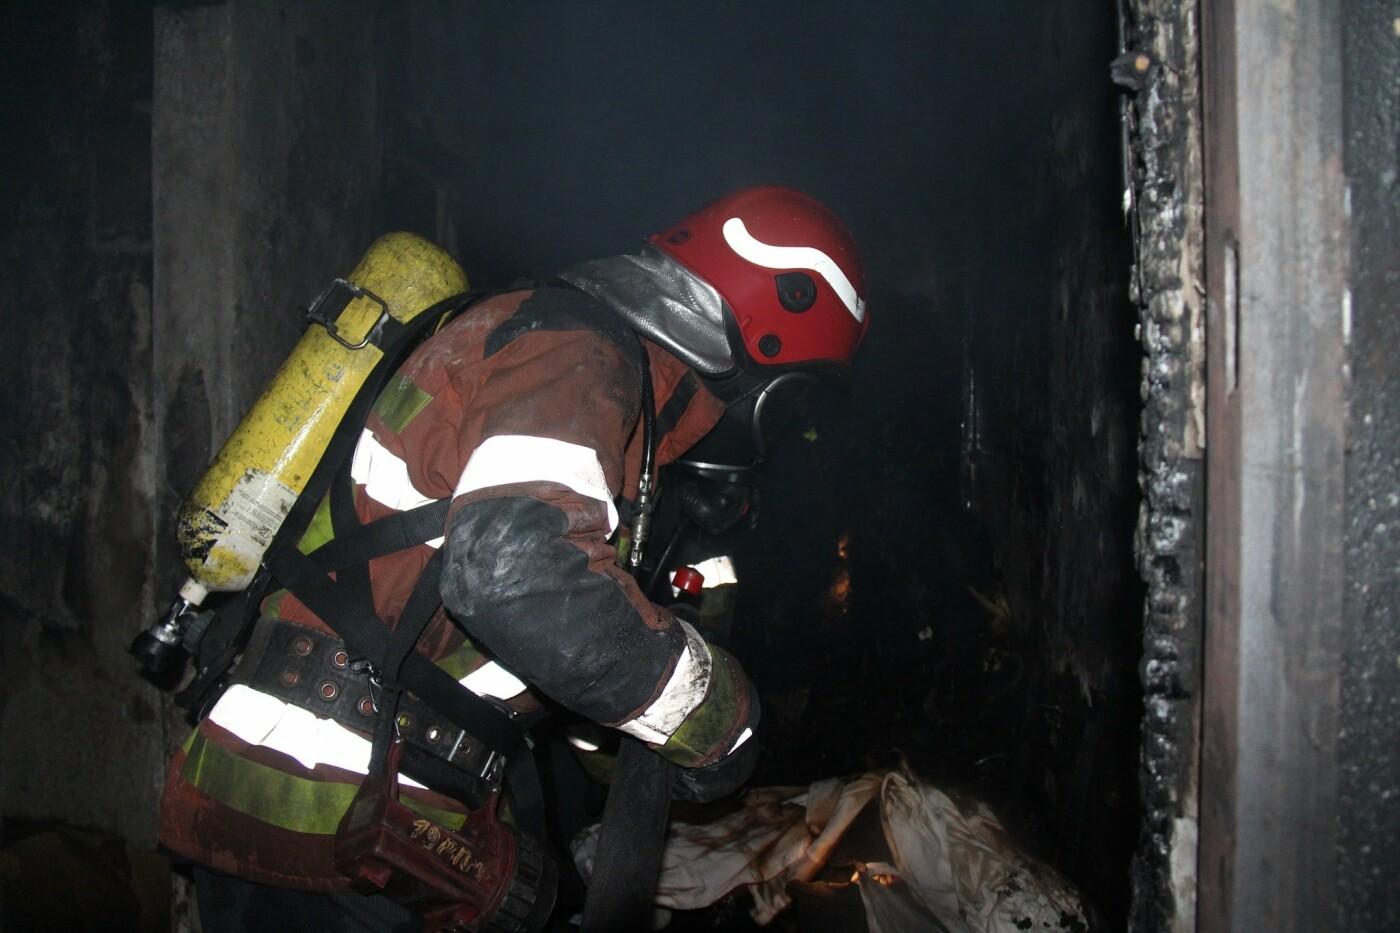 В Киеве на Троещине горела девятиэтажка: из-за пожара эвакуировали жильцов , - ФОТО, фото-6